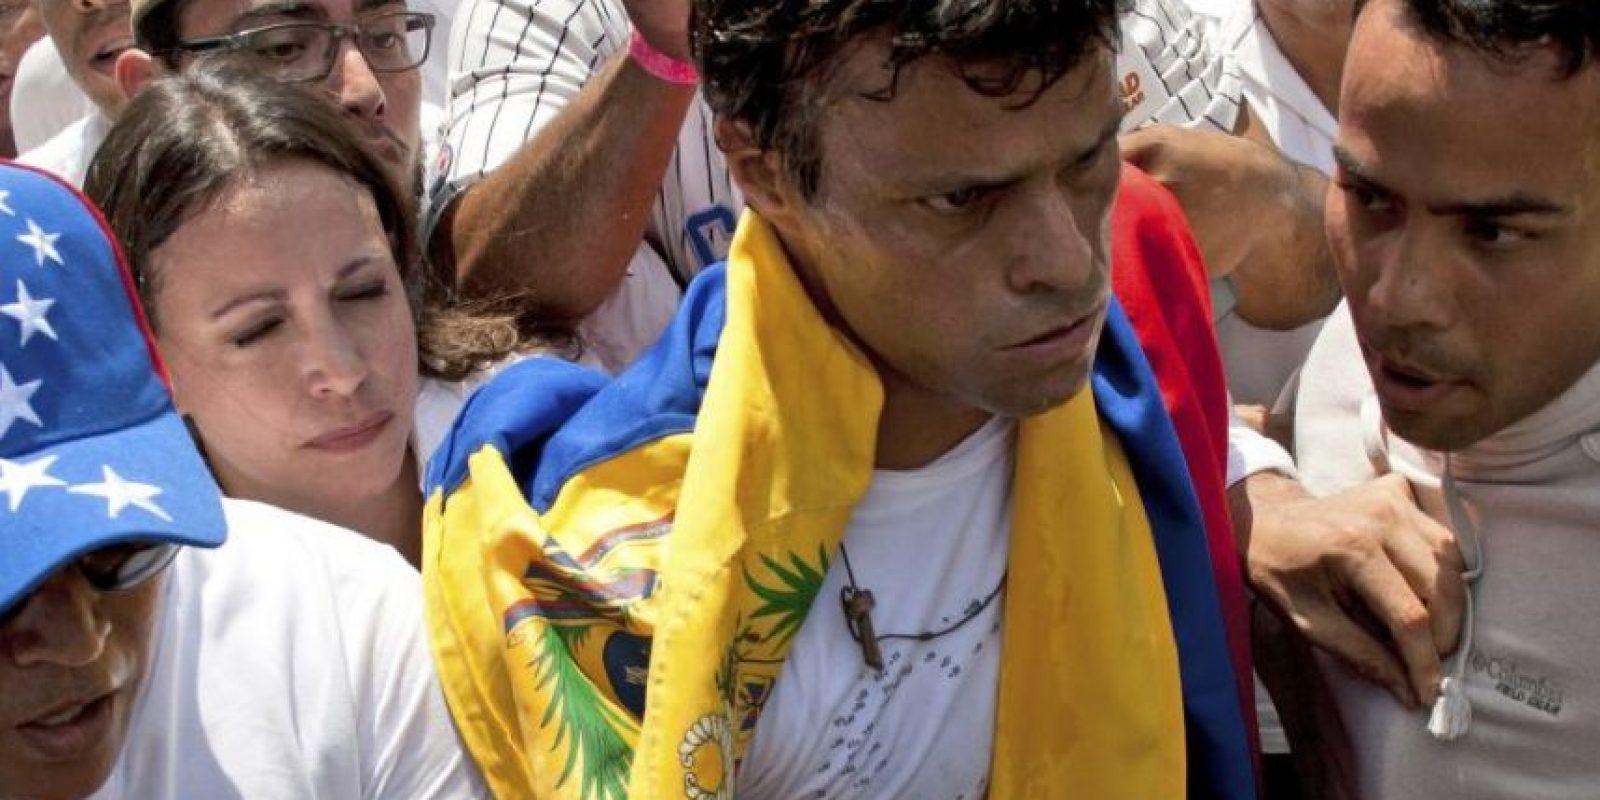 López fue condenado a 13 años de prisión por los hechos violentos durante una manifestación contra el gobierno realizada el 12 de febrero. Foto:AP